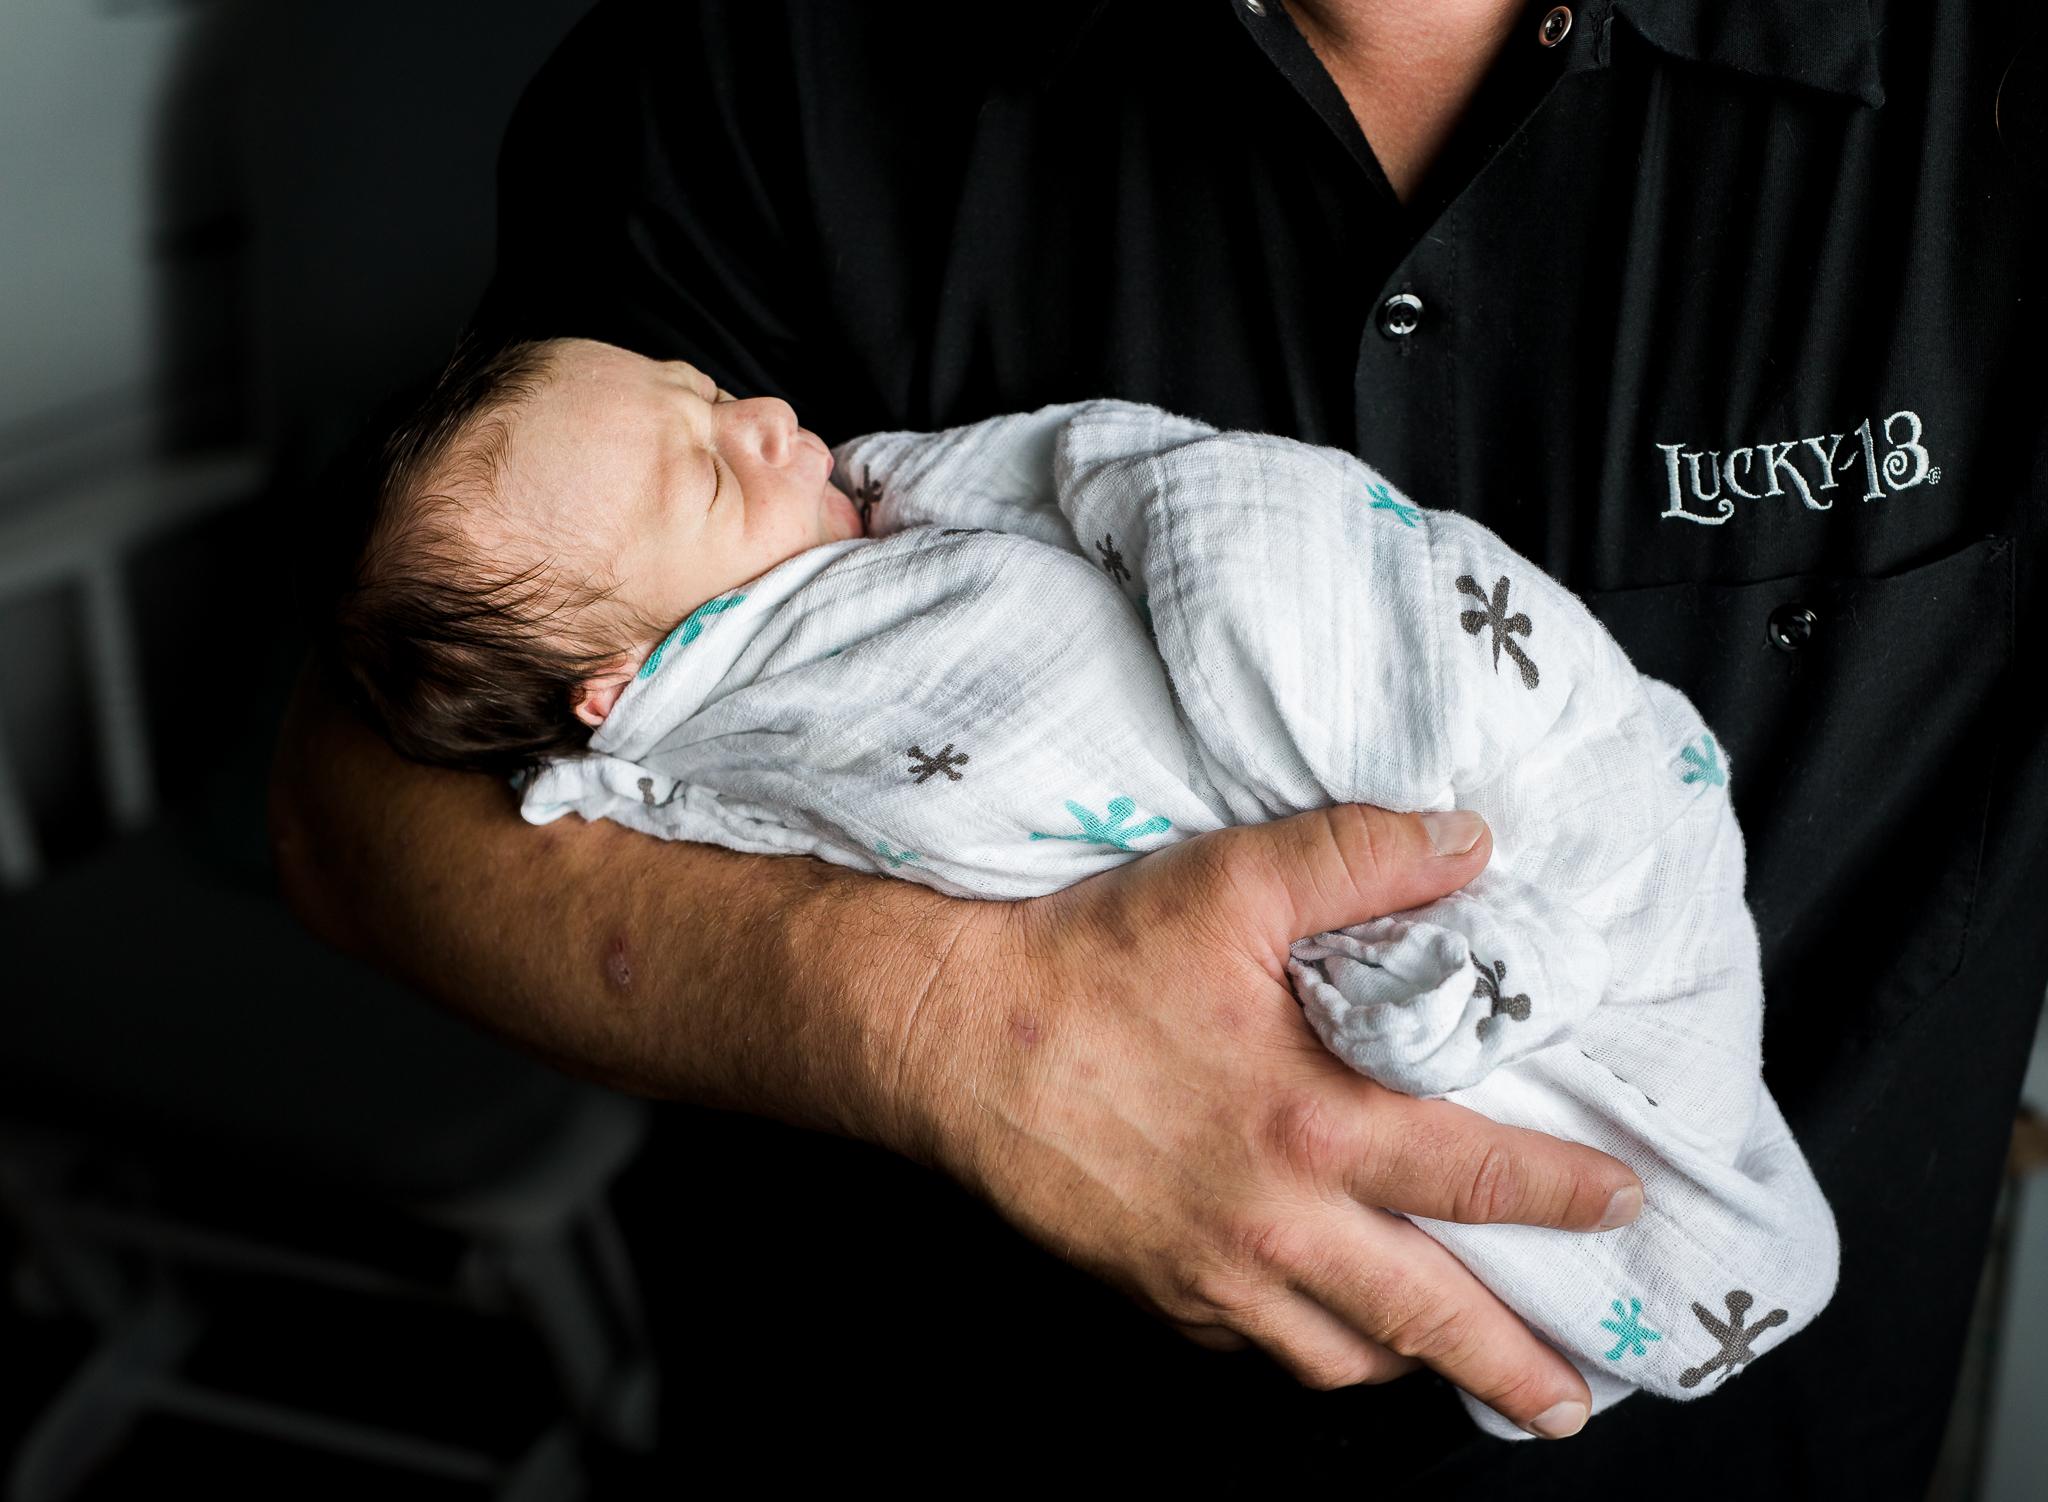 Vancouver Chilliwack Newborn Documentary Photographer